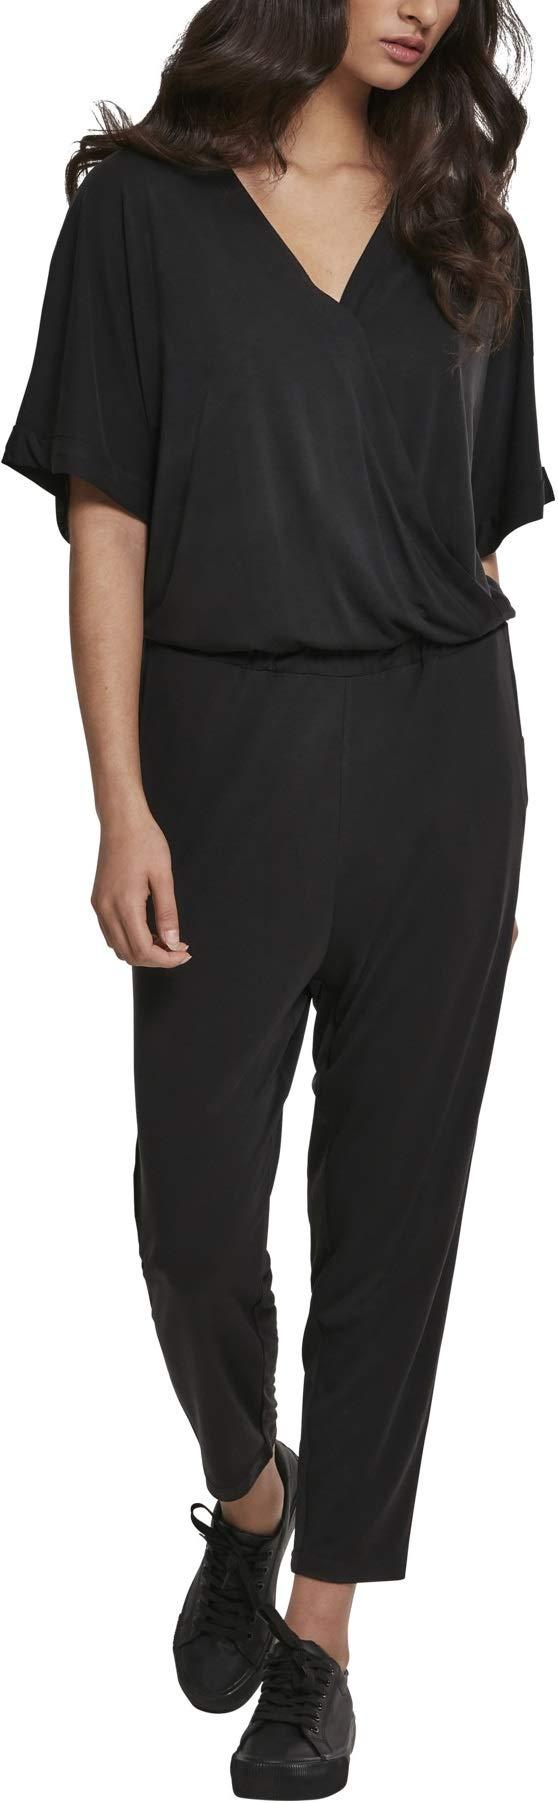 Modal Classics 00007Xxx large Jumpsuit Urban Femme CombinaisonNoirblack Ladies J5Ful3TK1c